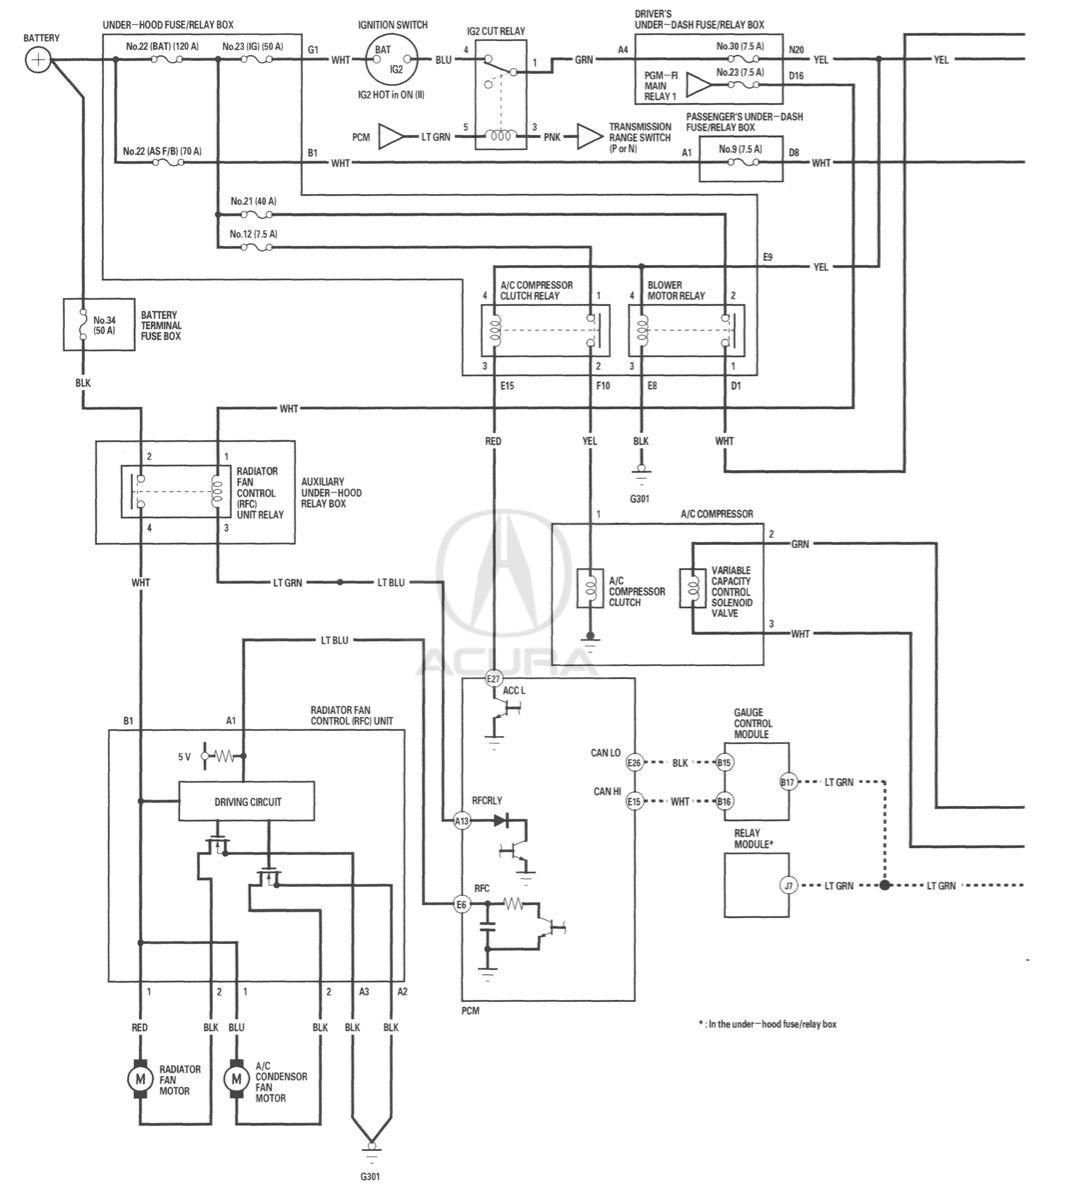 80-hvac_wiring_diagram_bea85c42425f29ac834985e3653bcc908e1358c7 Saab Starter Wiring Diagram on saab 900 starter, saab 900 engine, saab 900 fan belt, saab 95 wiring diagram, saab 900 coil, saab 900 water pump, saab radio harness, saab 900 solenoid, saab 900 ignition, saab 900 belt routing, saab 900 tools, saab 9-7x wiring diagram, saab 900 timing, saab engine diagram, saab 900 fuel system, saab 900 exhaust, saab 900 frame, saab 900 parts, 1996 saab wiring diagram, saab 900 safety,